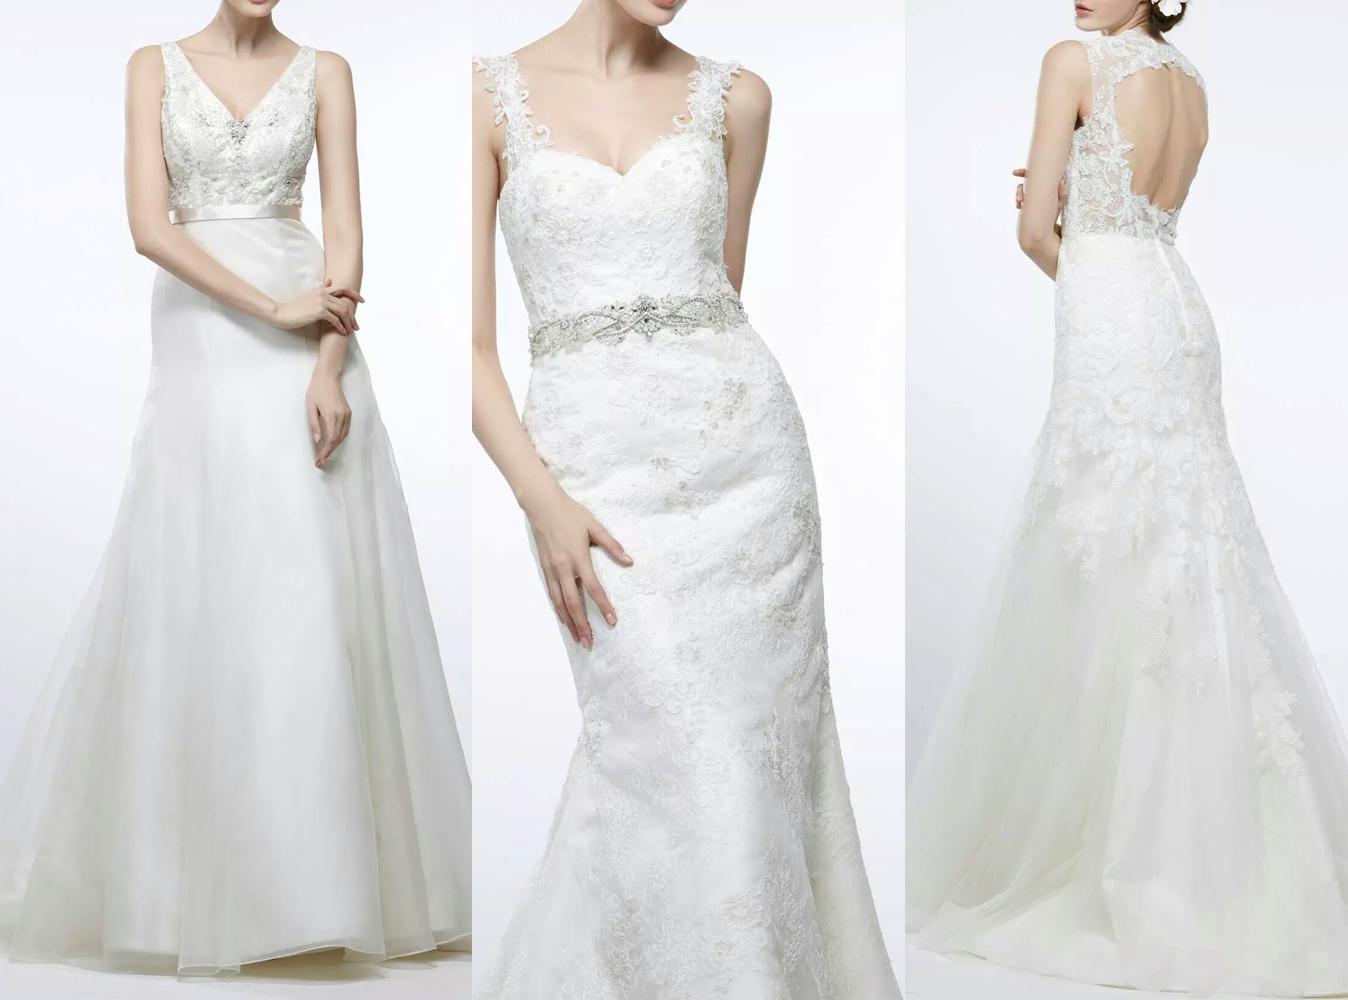 Váy cưới đẹp với chi phí thấp